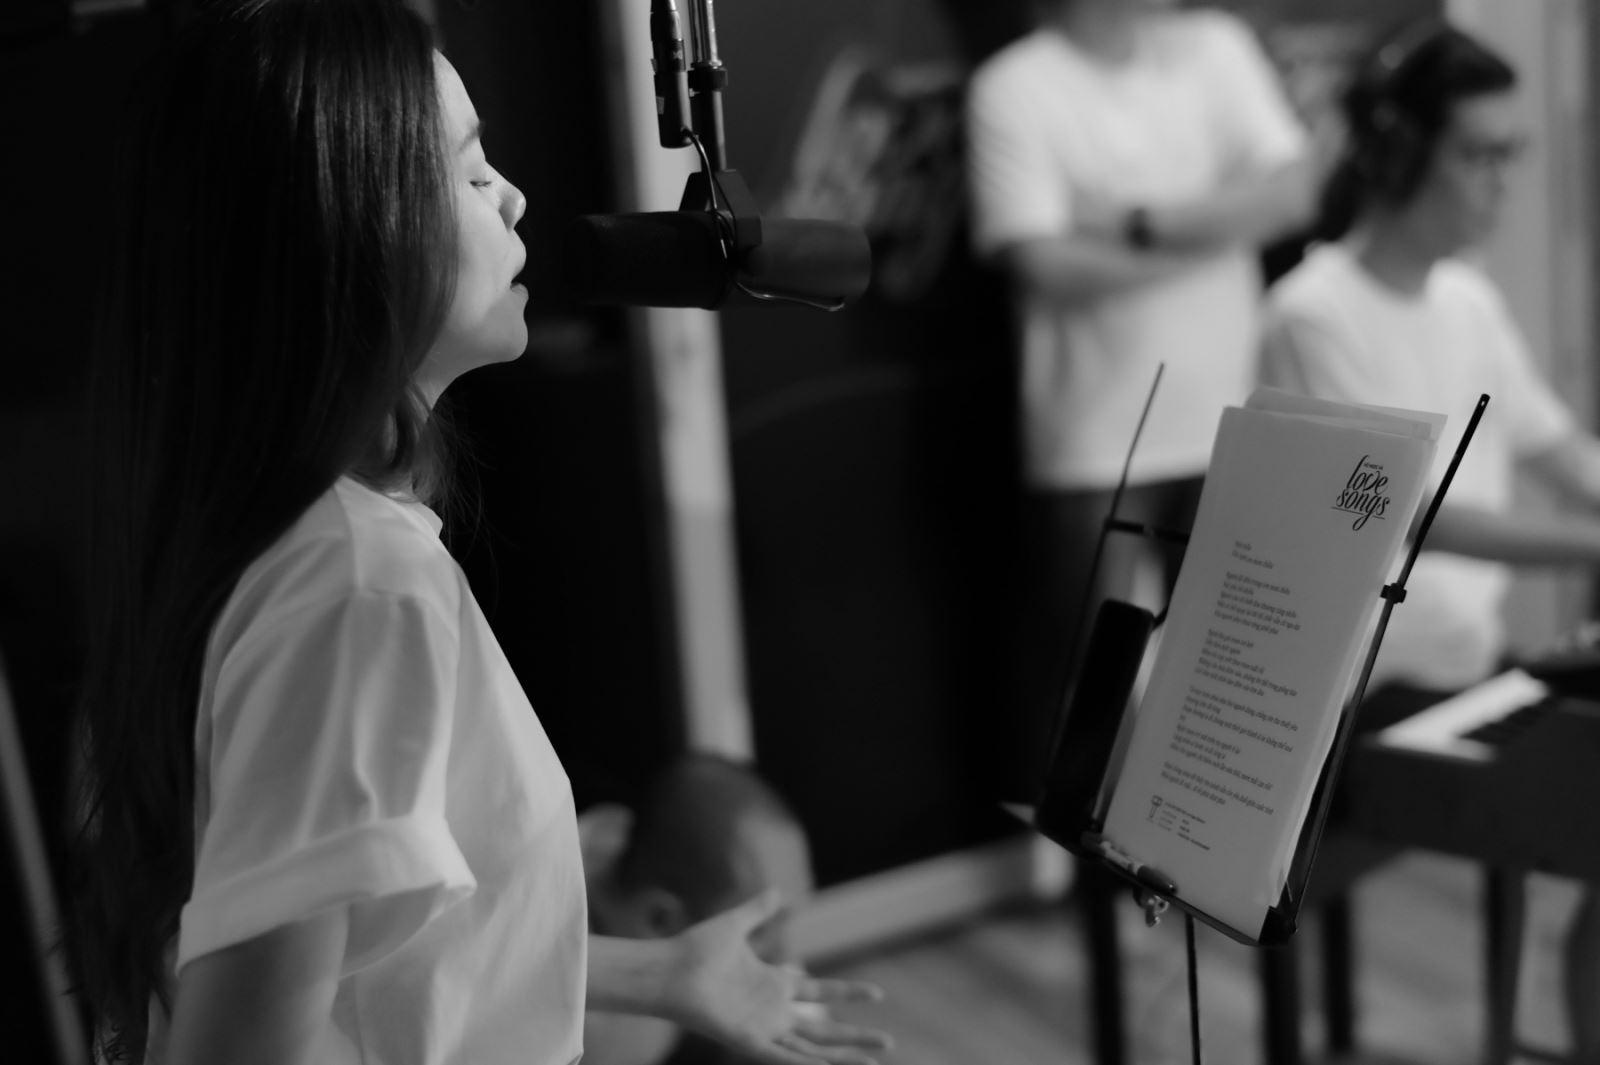 Hồ Ngọc Hà, Love Songs 2020, xem Love Songs 2020, nghe Love Songs 2020, Ho Ngoc Ha, album Love songs, Ho Ngoc ha Love songs, ha ho love songs